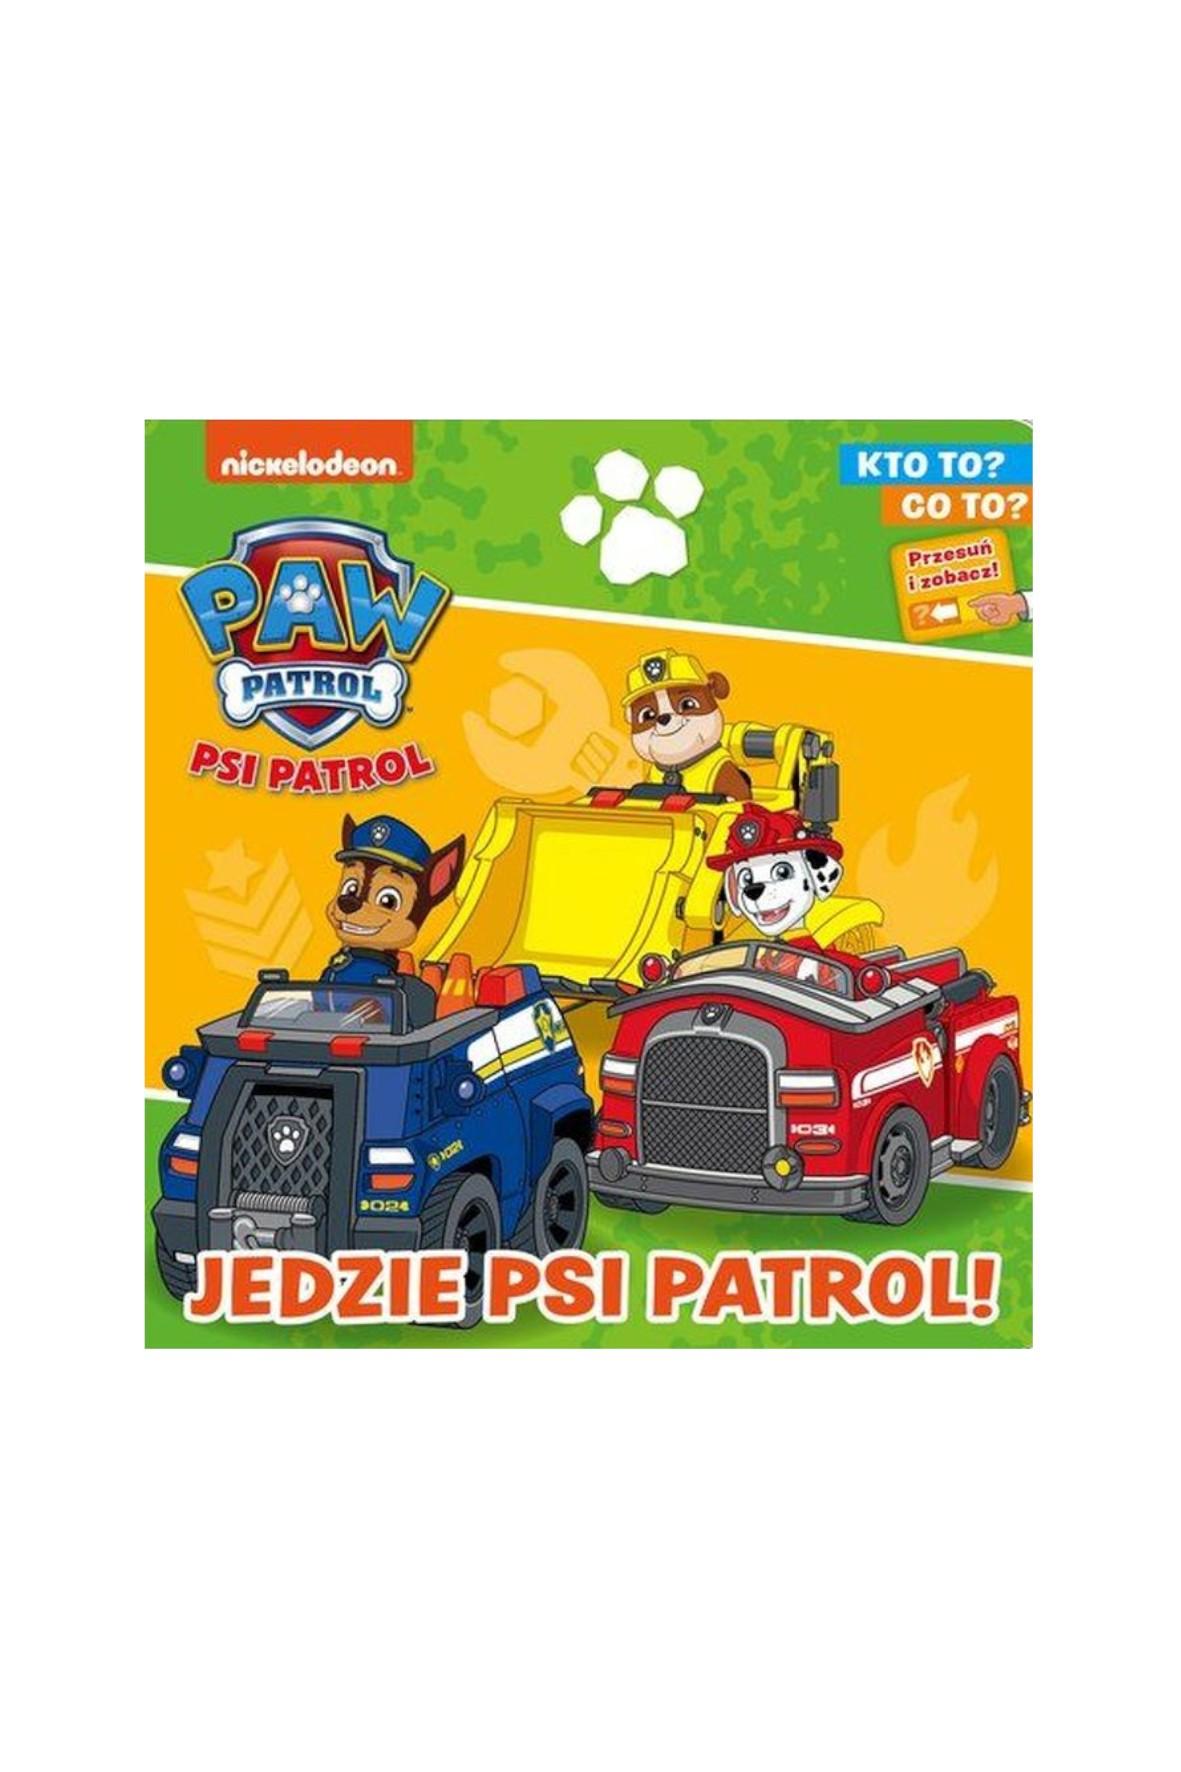 Książeczka Psi Patrol. Kto to? Co to? Jedzie Psi patrol!